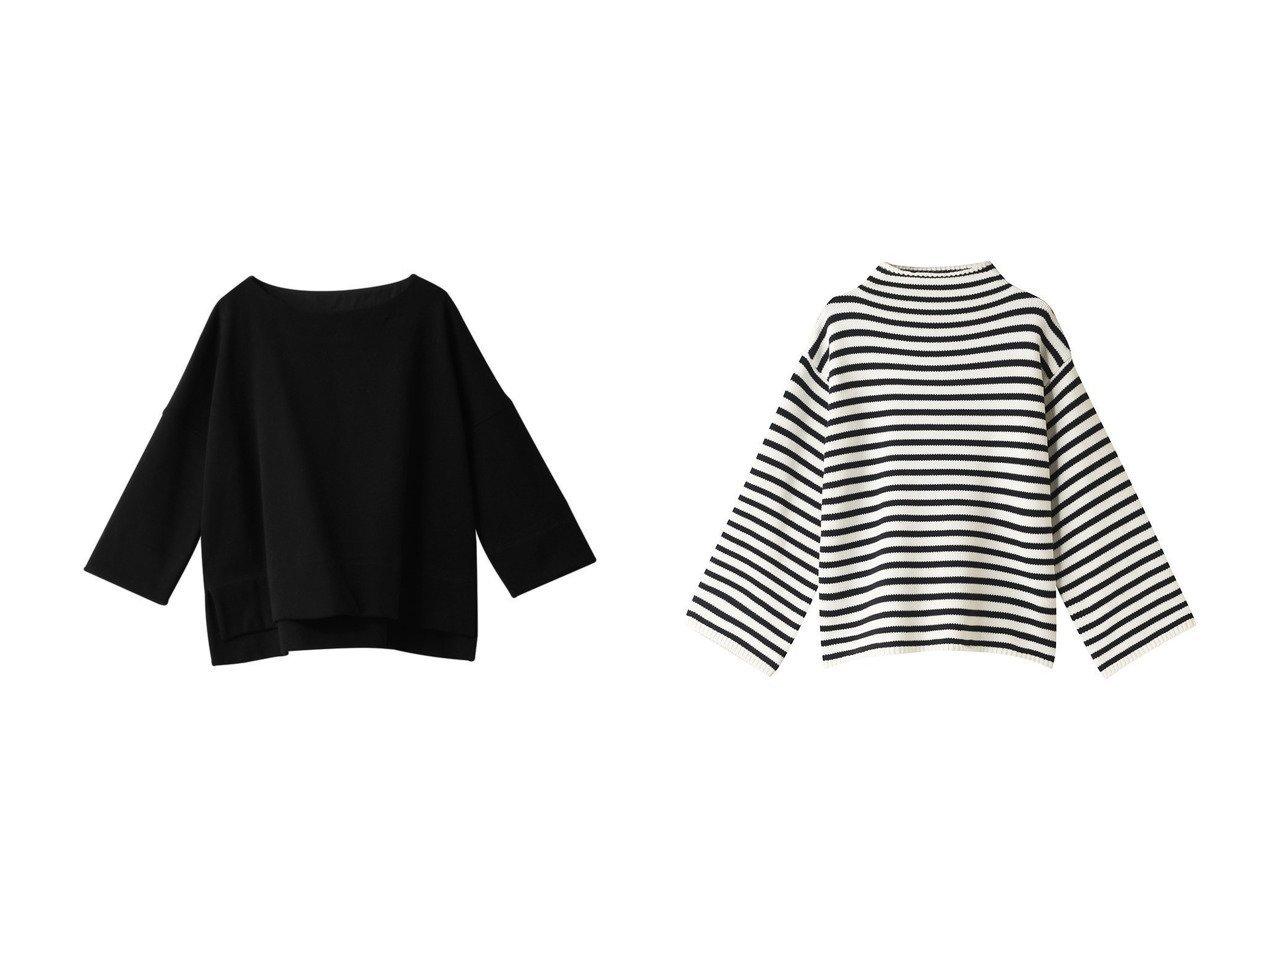 【DEMYLEE/デミーリー】のAgata Stripe セーター&【PLAIN PEOPLE/プレインピープル】のオーガニックソフトスウェットプルオーバー トップス・カットソーのおすすめ!人気、レディースファッションの通販 おすすめで人気のファッション通販商品 インテリア・家具・キッズファッション・メンズファッション・レディースファッション・服の通販 founy(ファニー) https://founy.com/ ファッション Fashion レディース WOMEN トップス Tops Tshirt シャツ/ブラウス Shirts Blouses パーカ Sweats プルオーバー Pullover スウェット Sweat カットソー Cut and Sewn ニット Knit Tops オーガニック リラックス シンプル セーター ハイネック ボーダー |ID:crp329100000000782